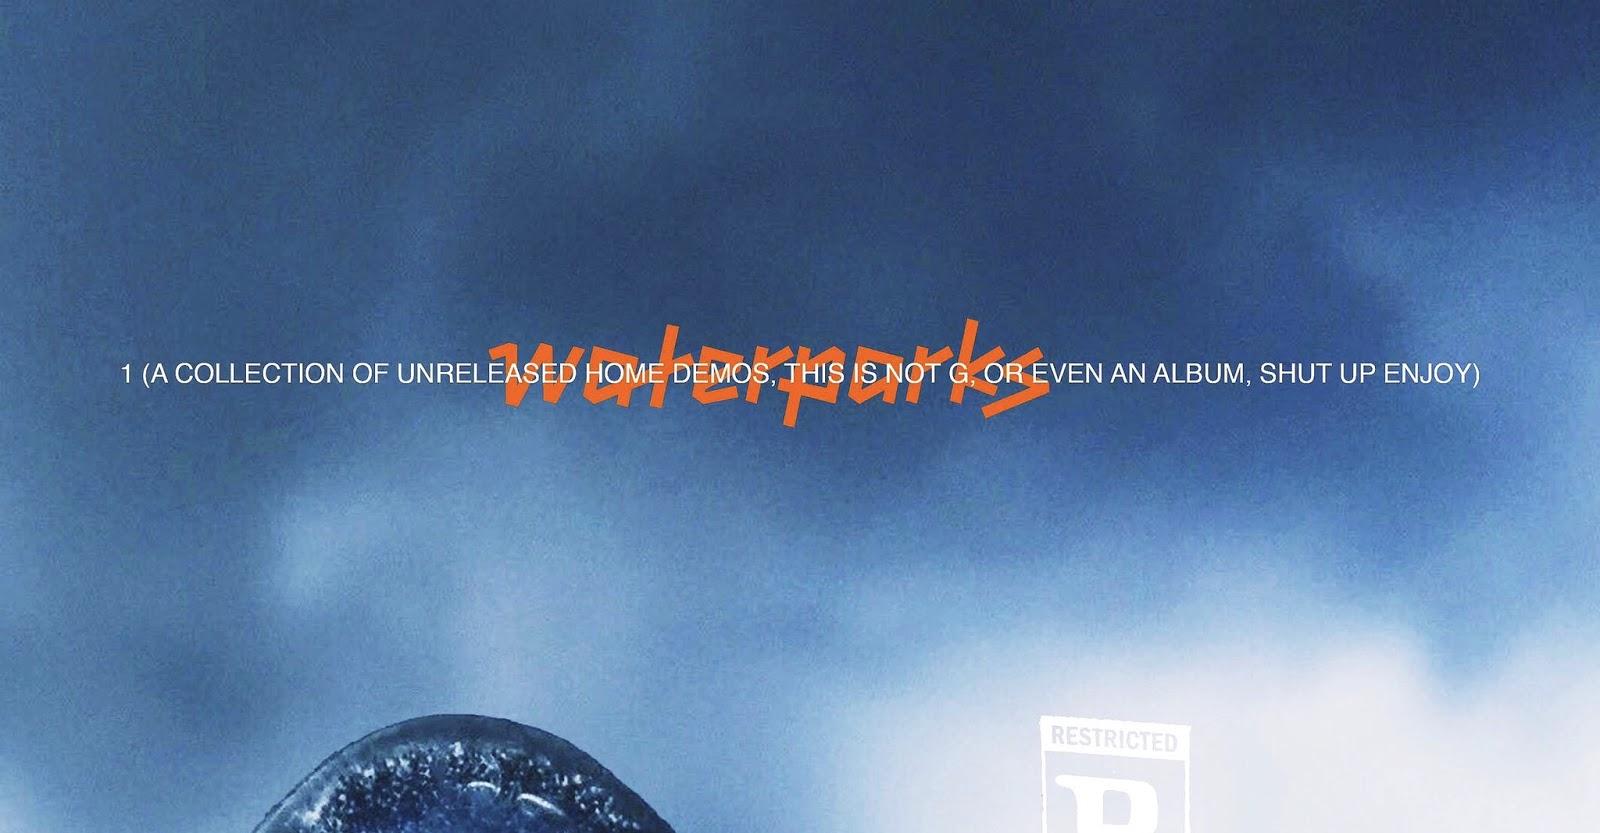 Сила ретвитов: Waterparks выпустили альбом с демоверсиями